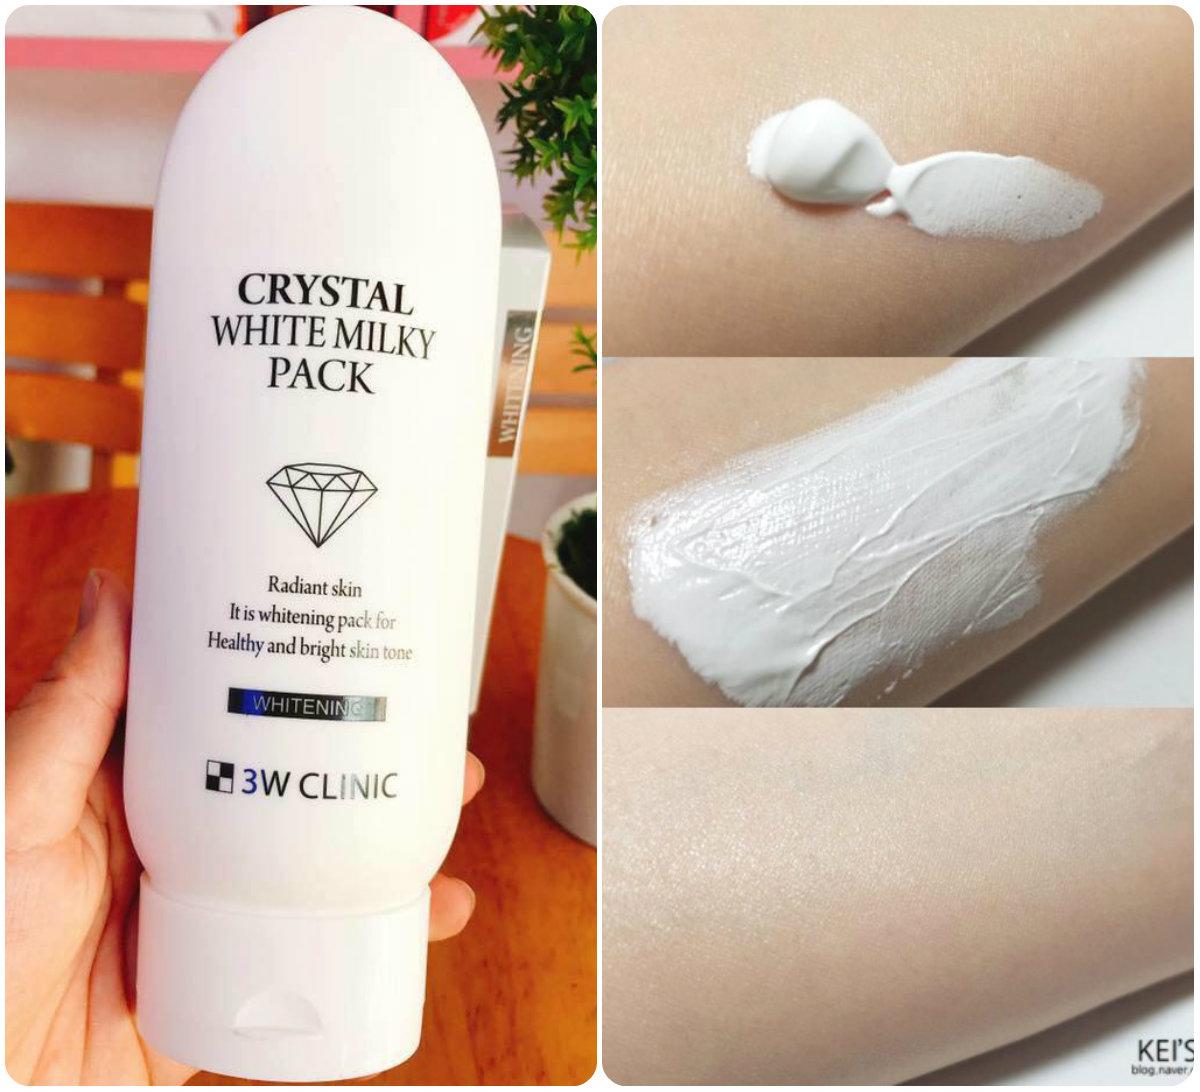 duong-the-kem-duong-trang-da-body-nature-white-milky-ecosy-han-quoc-5468